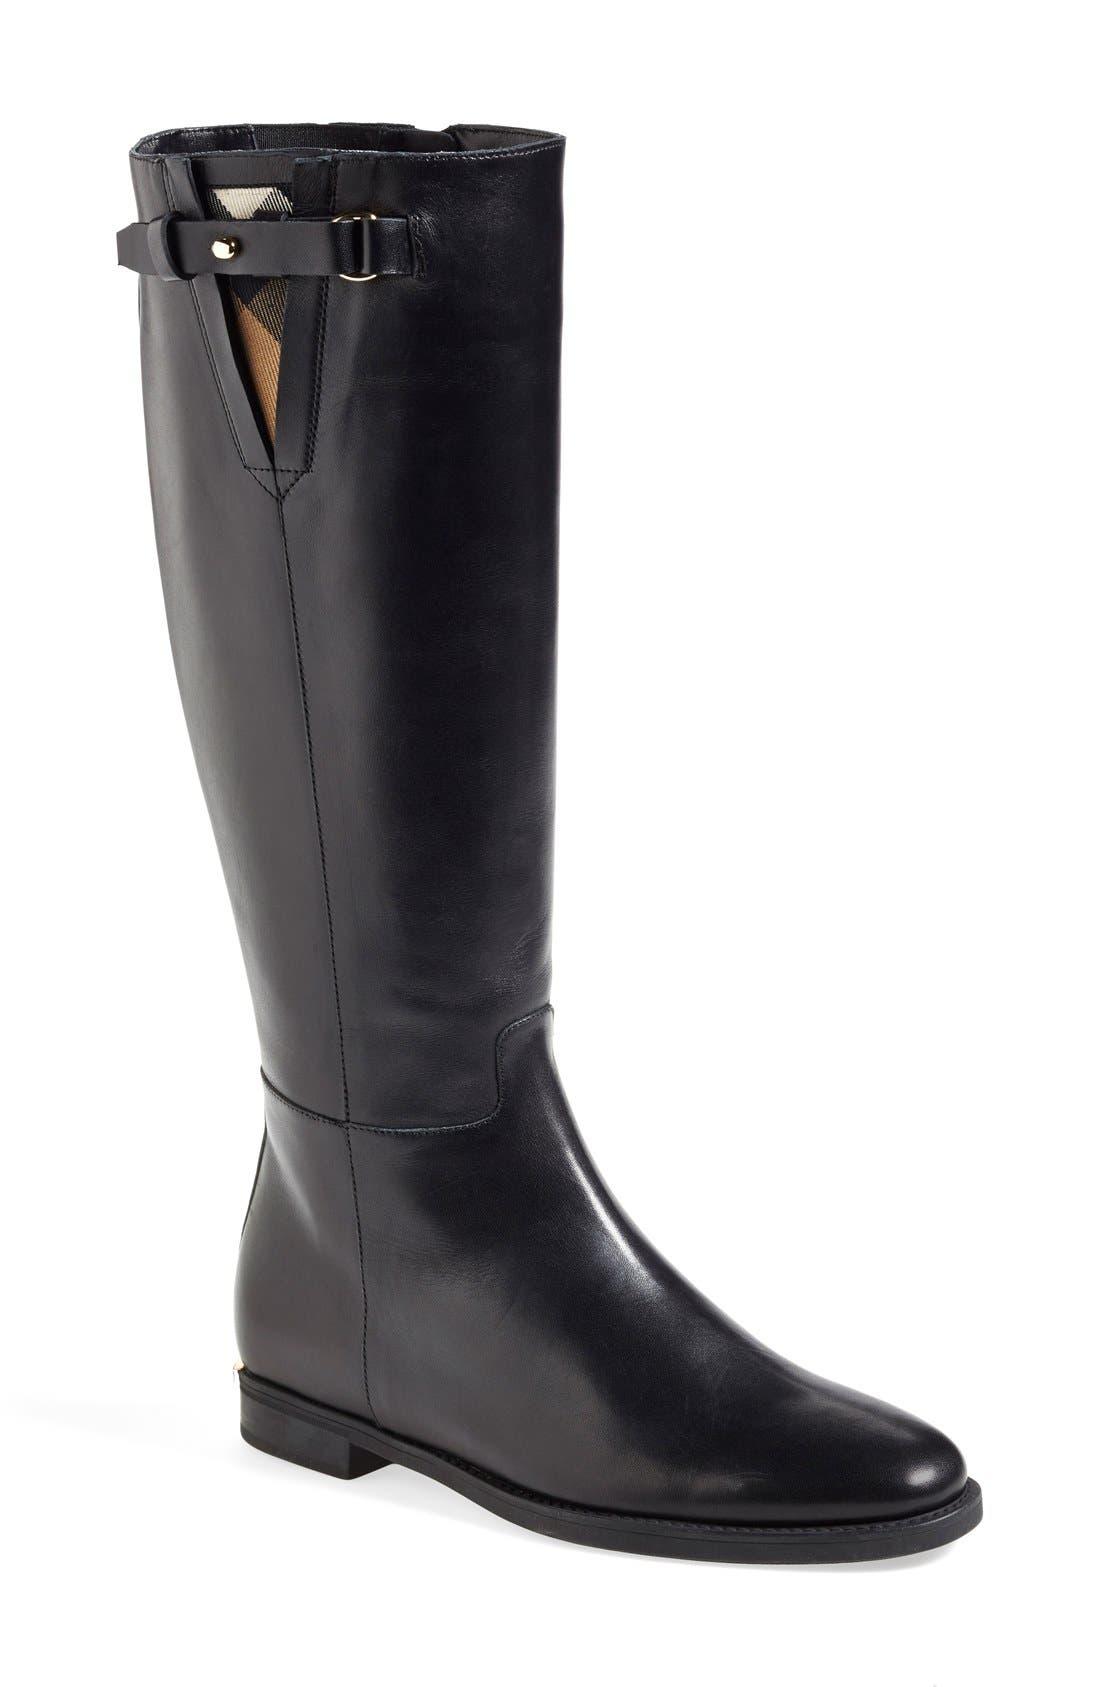 Main Image - Burberry 'Mapledene' Riding Boot (Women)